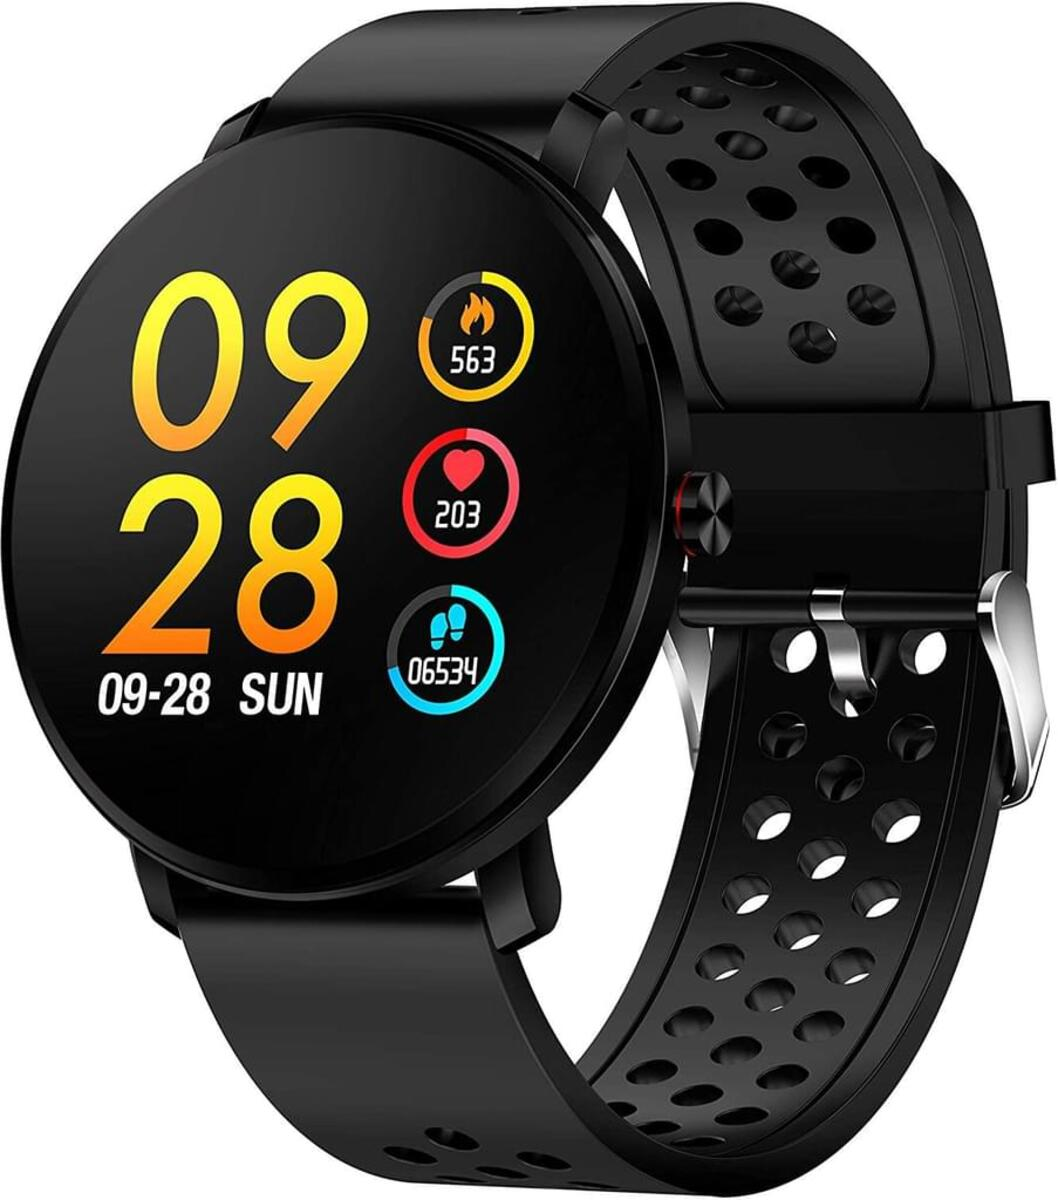 Bild 2 von Denver Smartwatch SW-171, Bluetooth, Touchscreen, Farbe: Schwarz